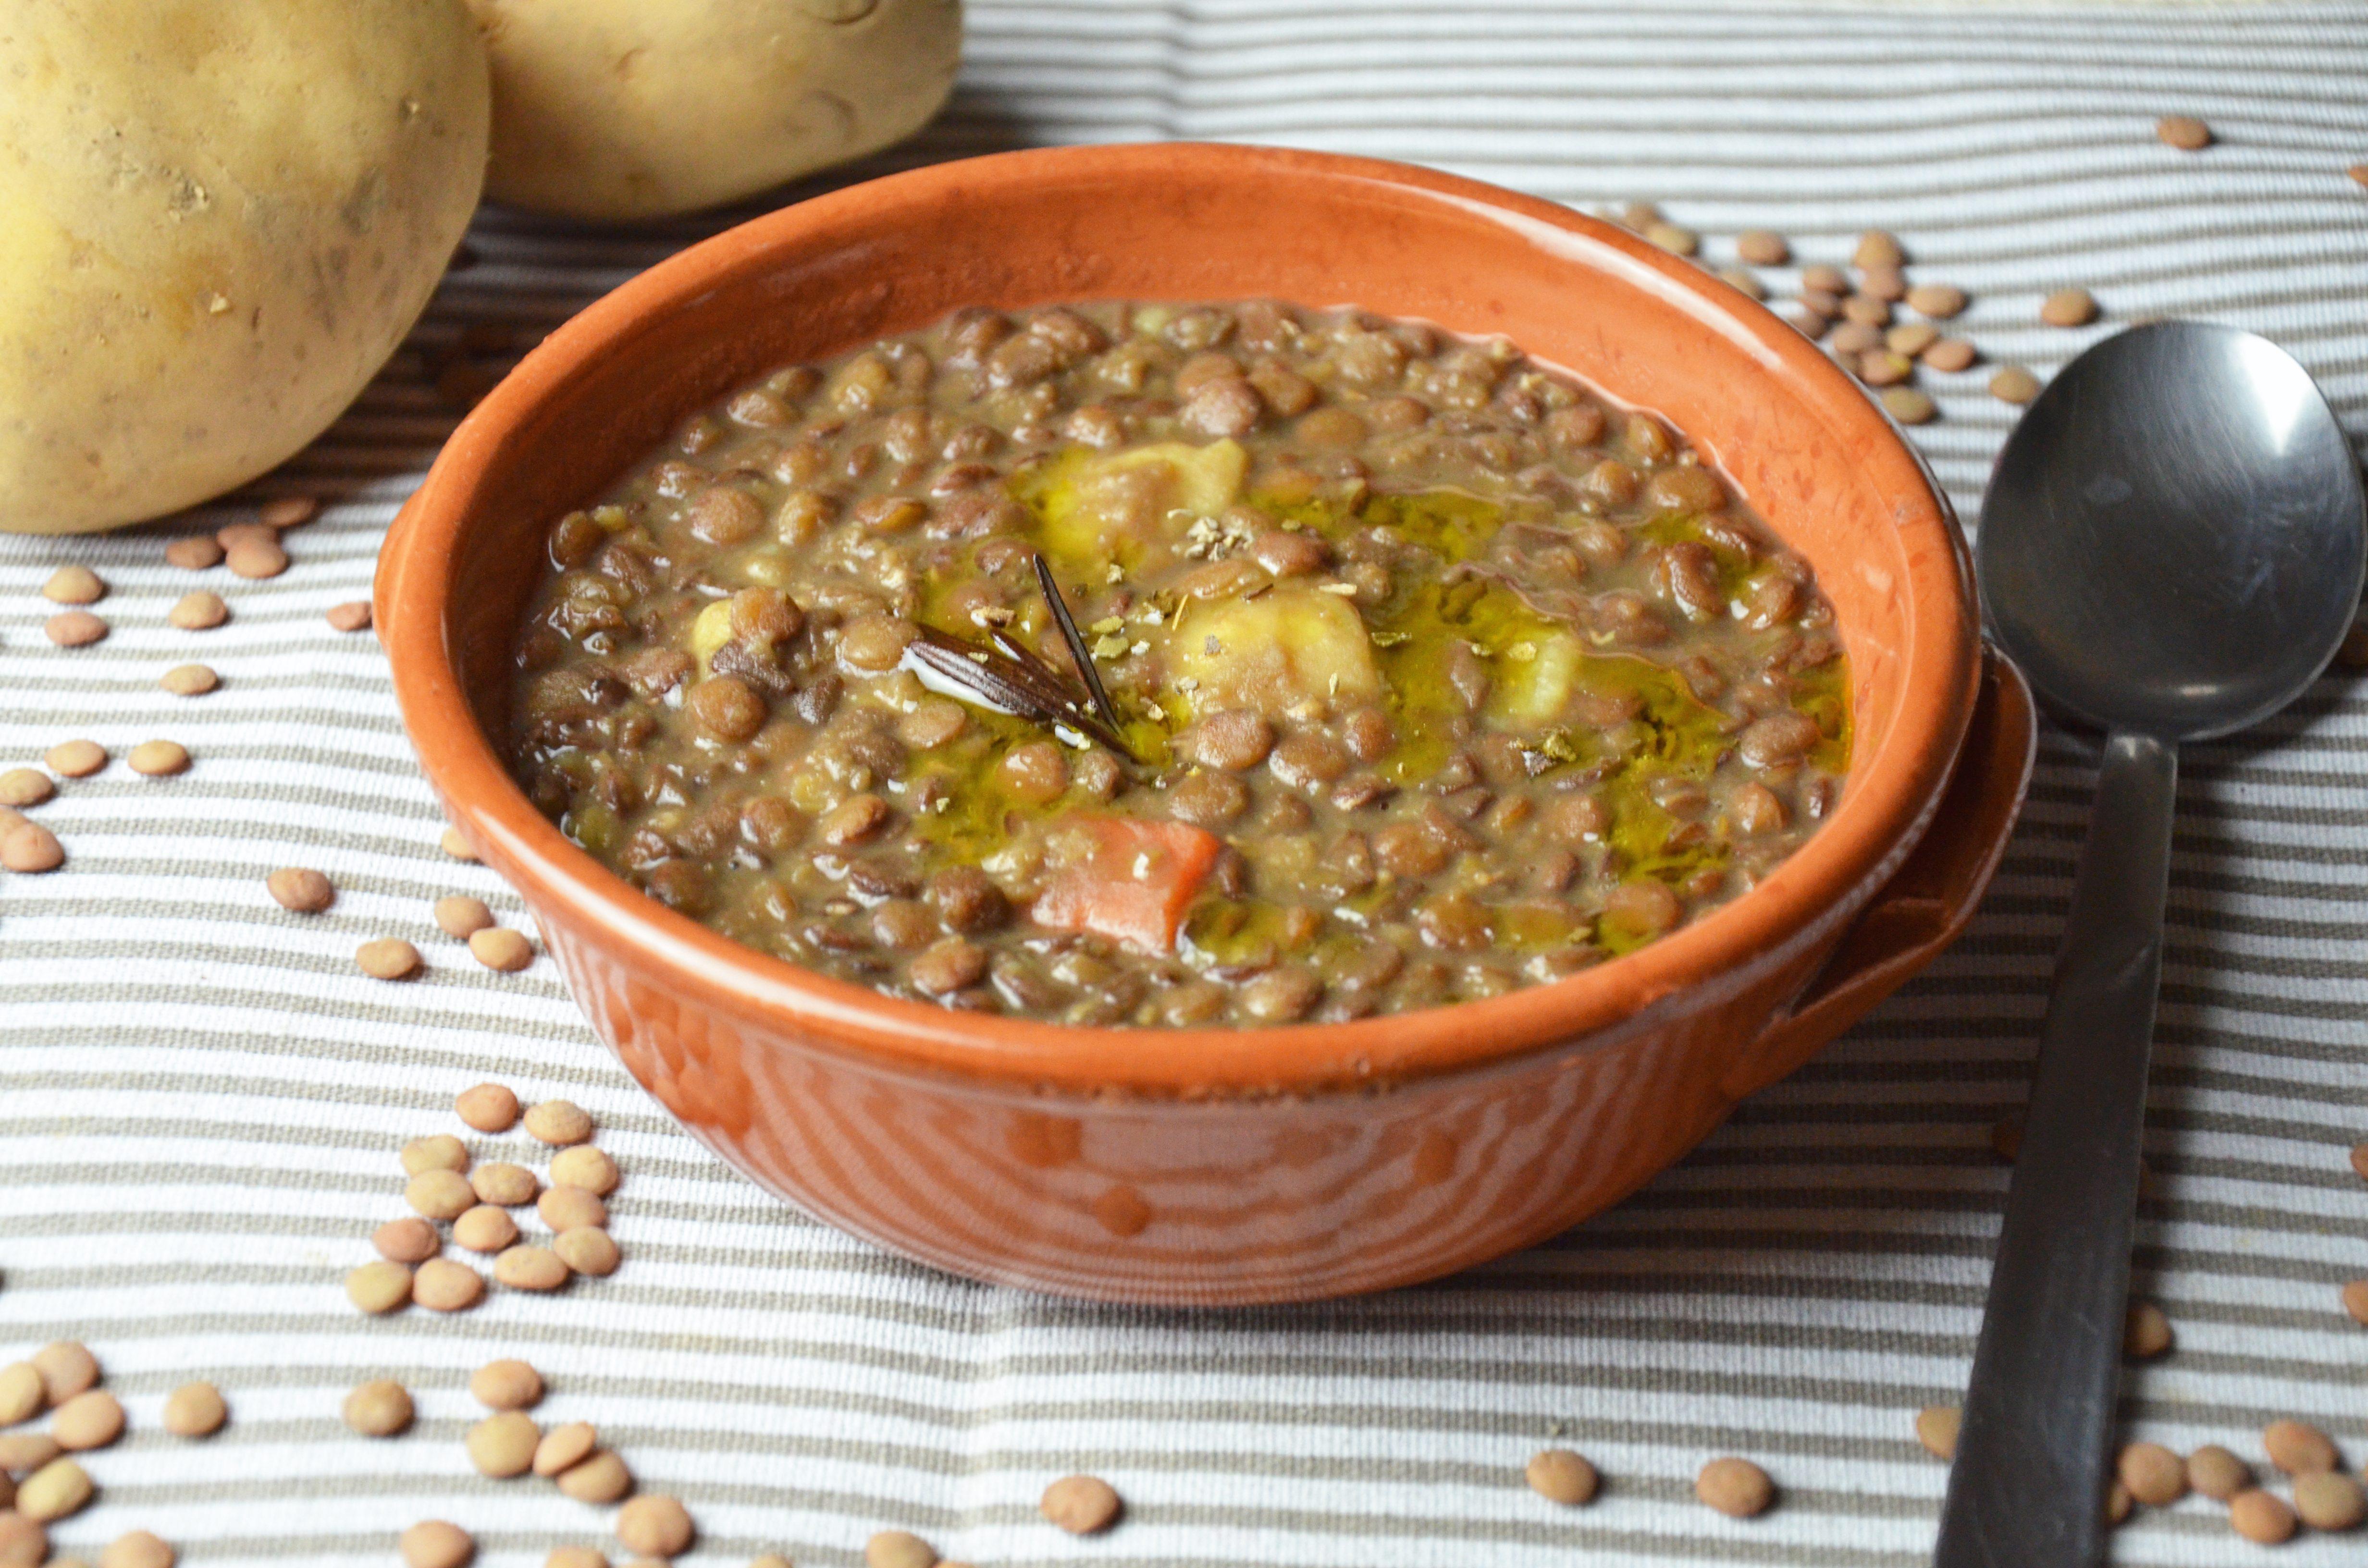 Zuppa Di Lenticchie E Patate La Ricetta Del Piatto Caldo E Nutriente